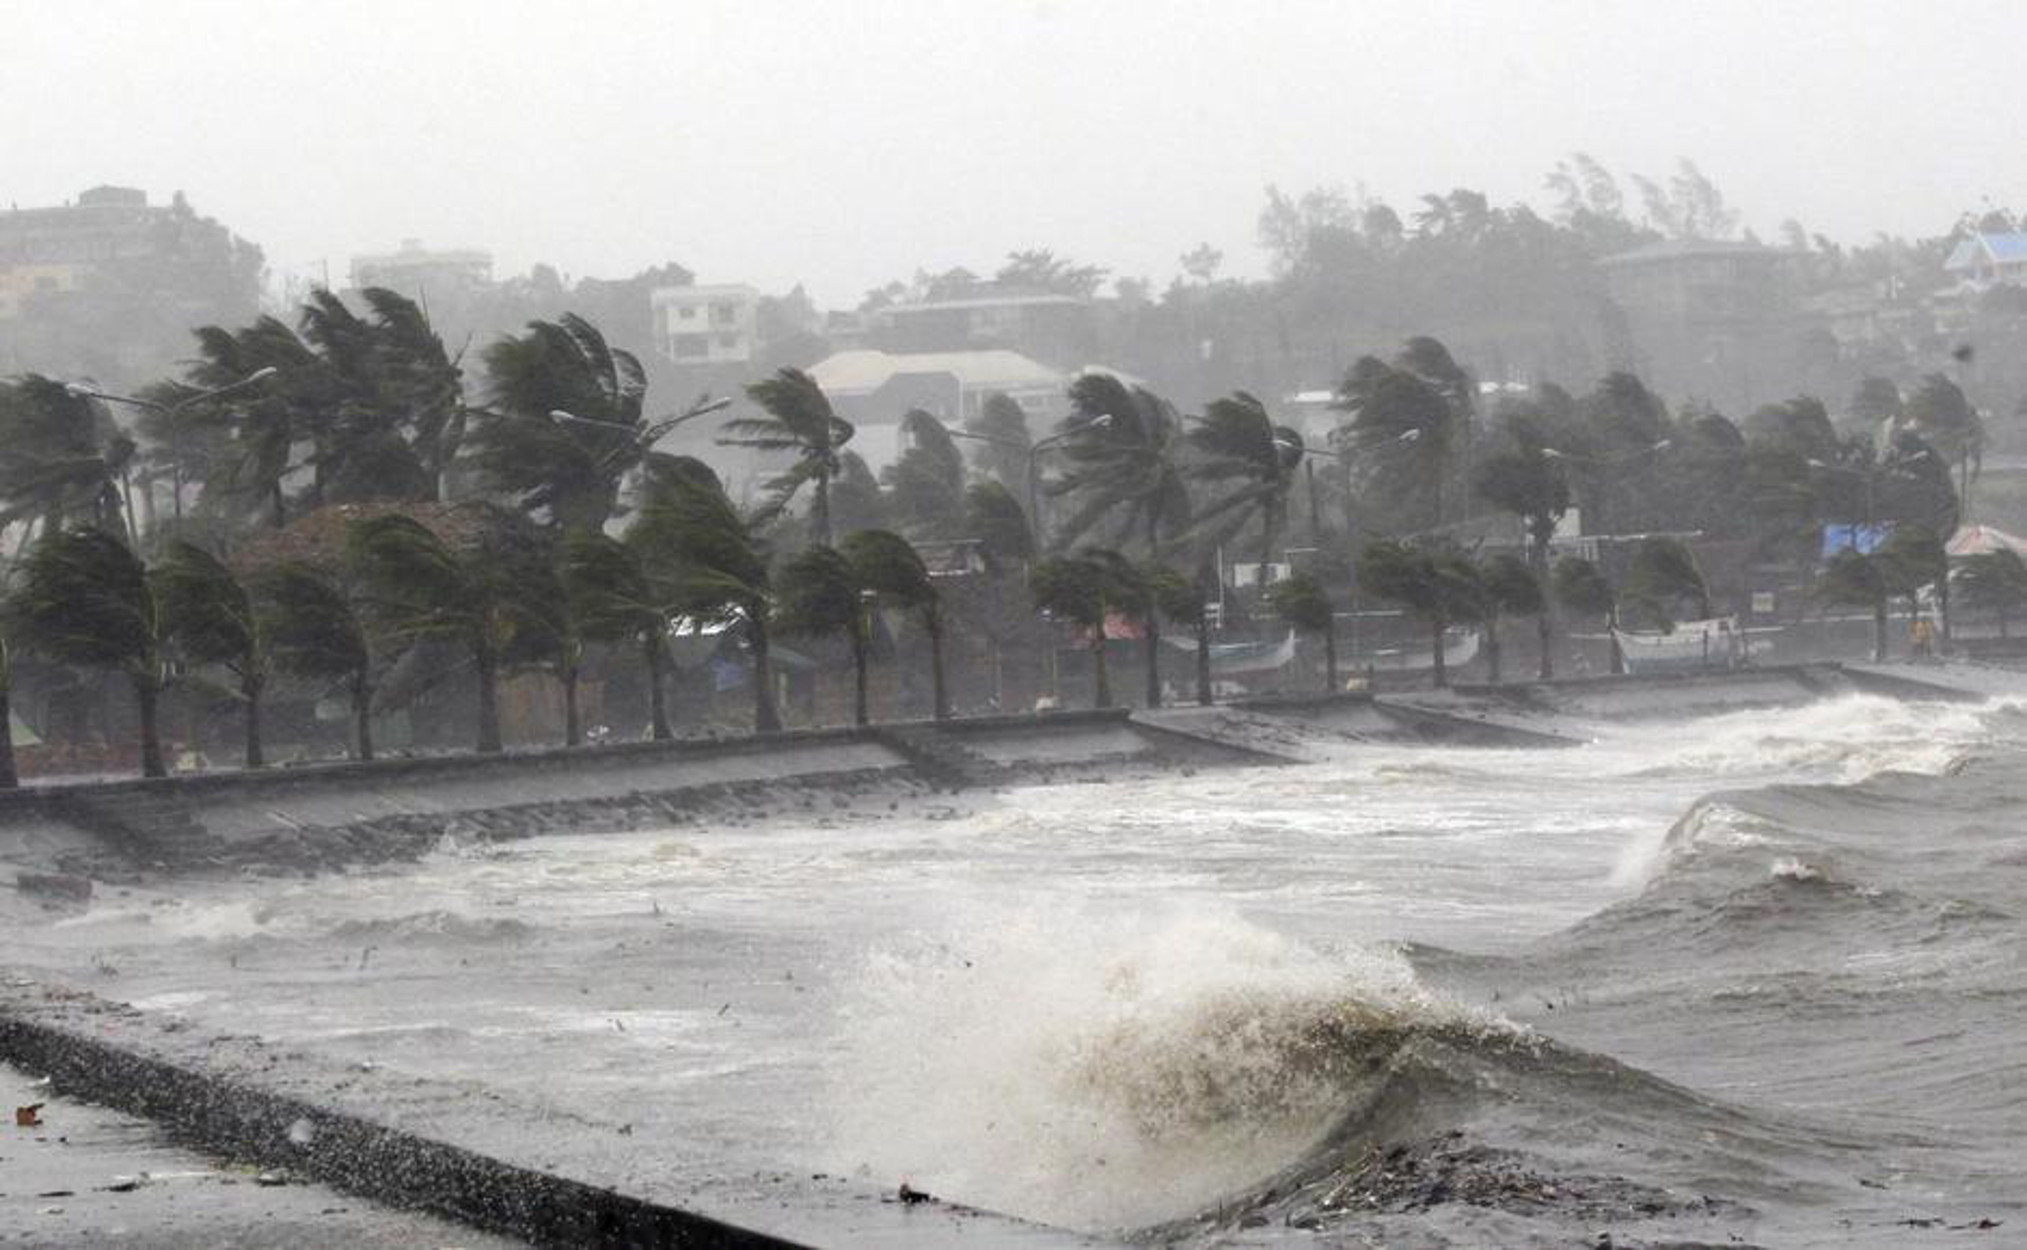 Φιλιππίνες: Εκκενώνεται το νησί Λουζόν! Φτάνει ο πιο δυνατός τυφώνας της χρονιάς